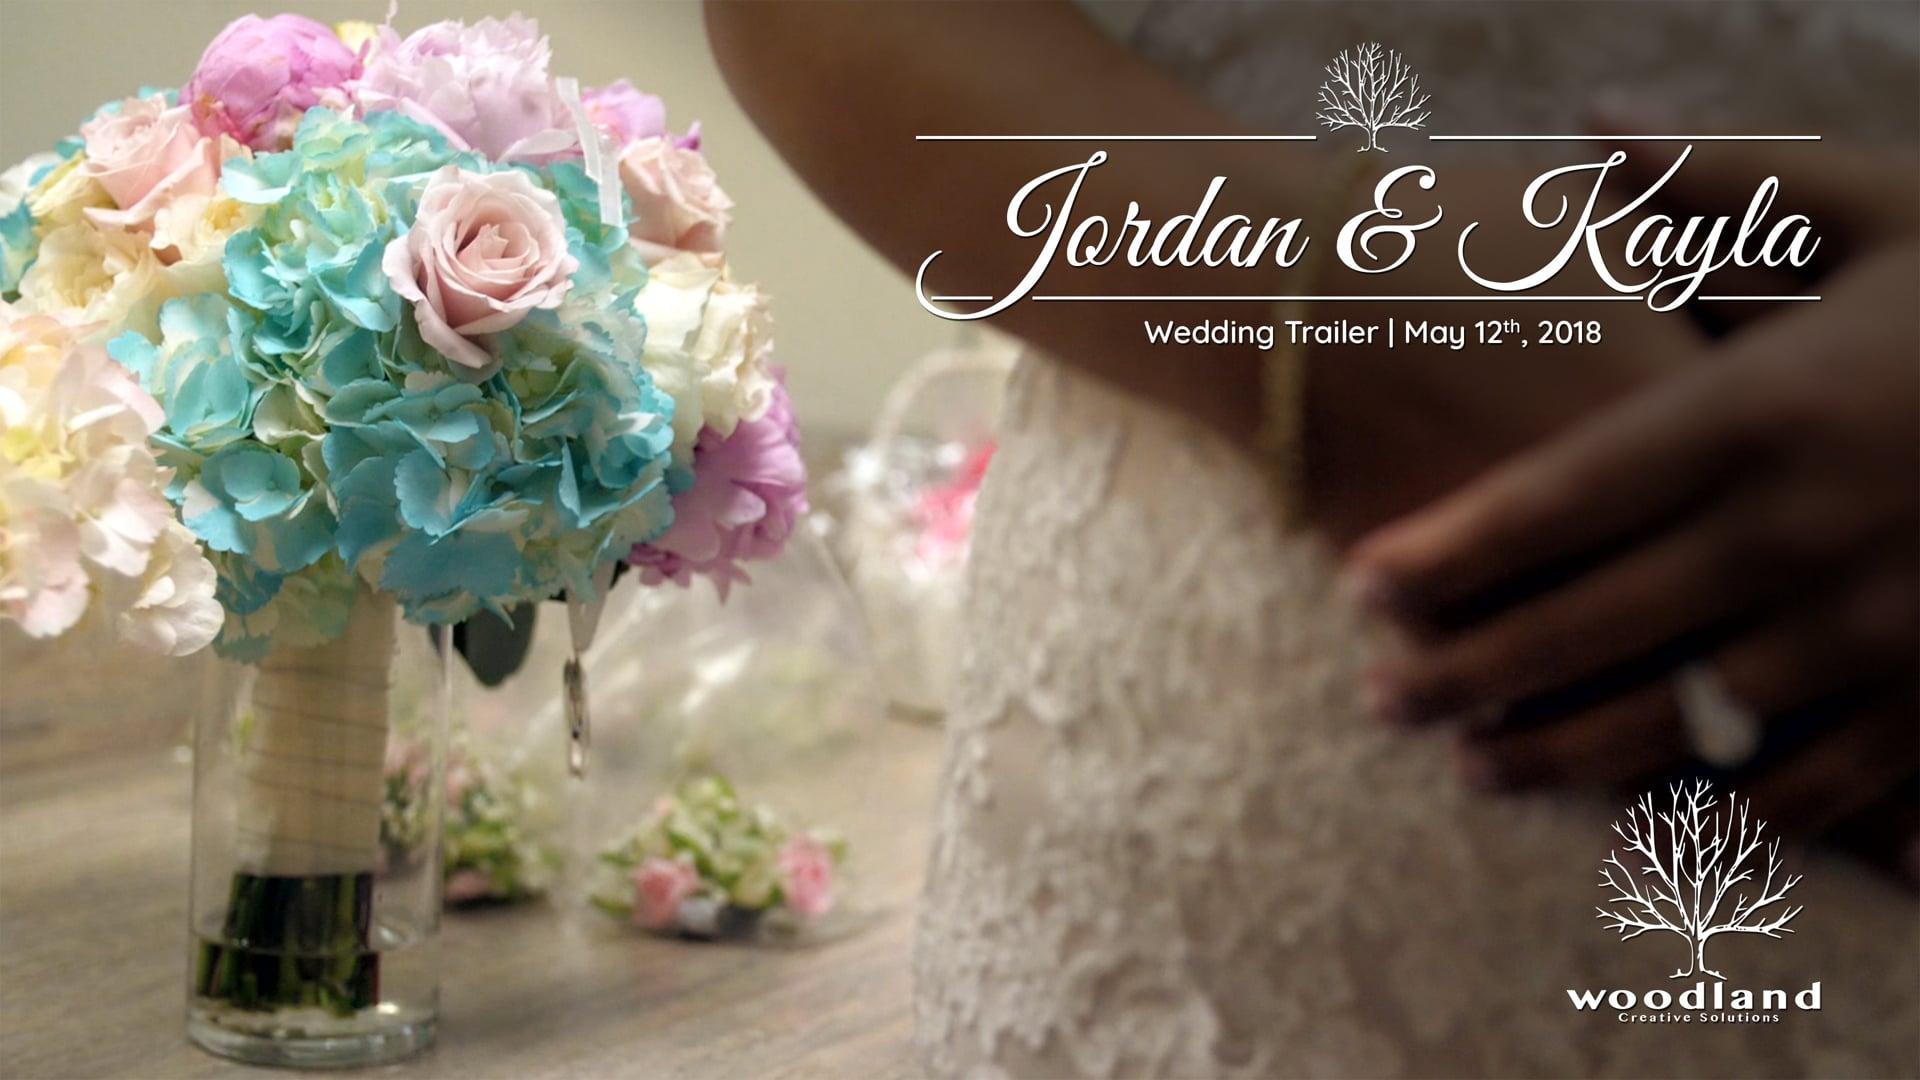 Jordan & Kayla - Wedding Trailer